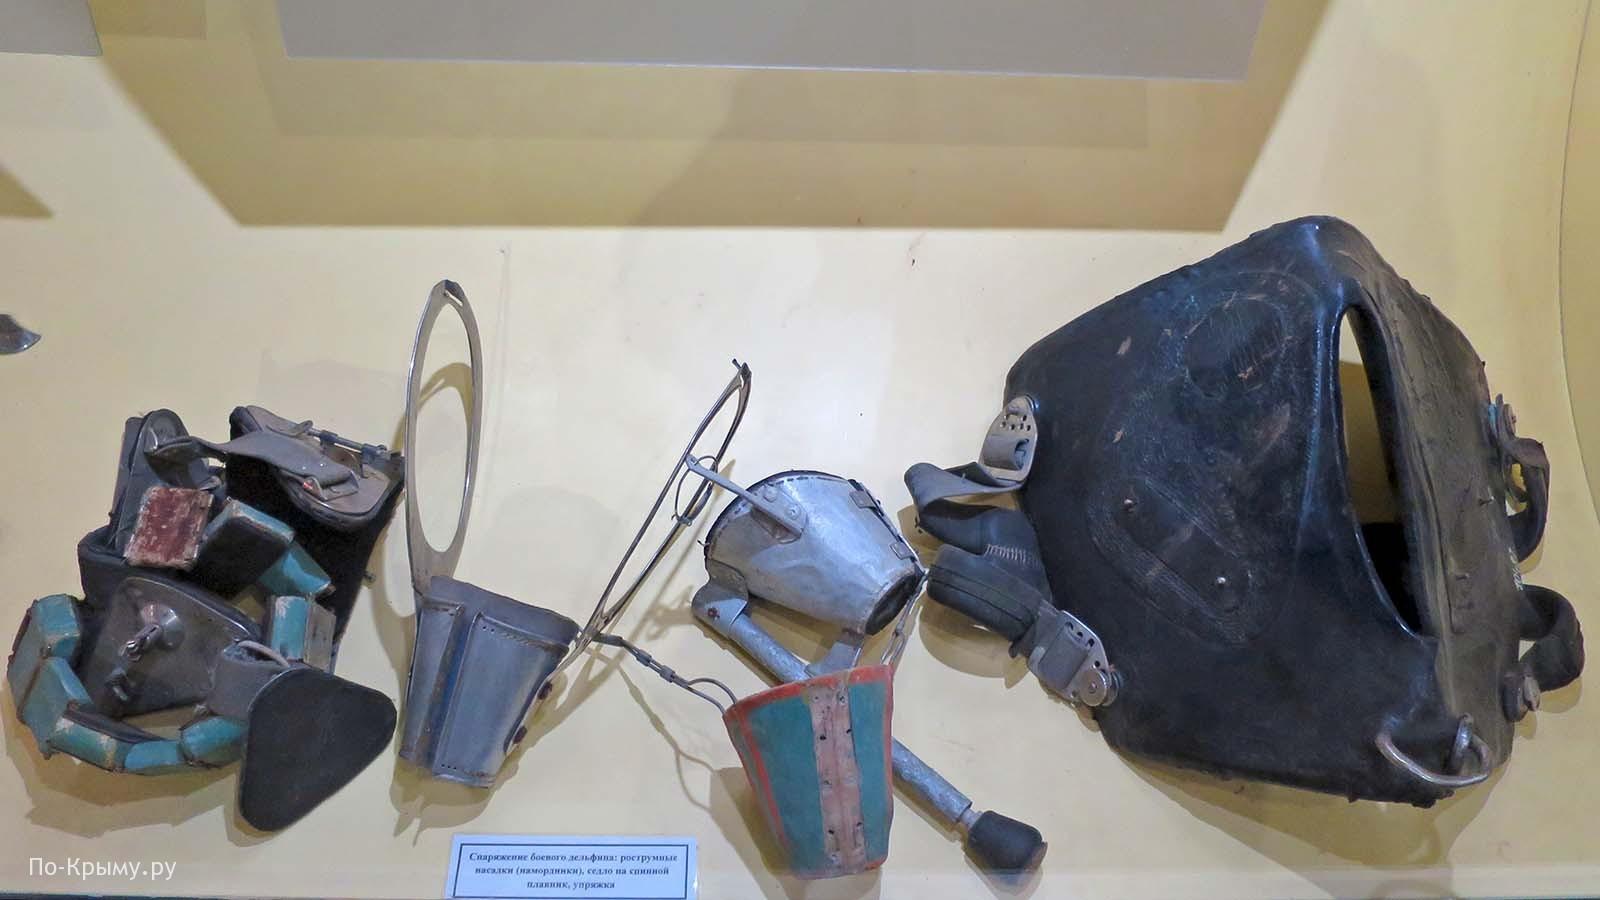 Балаклавский музей подлодок - снаряжение для боевого дельфина